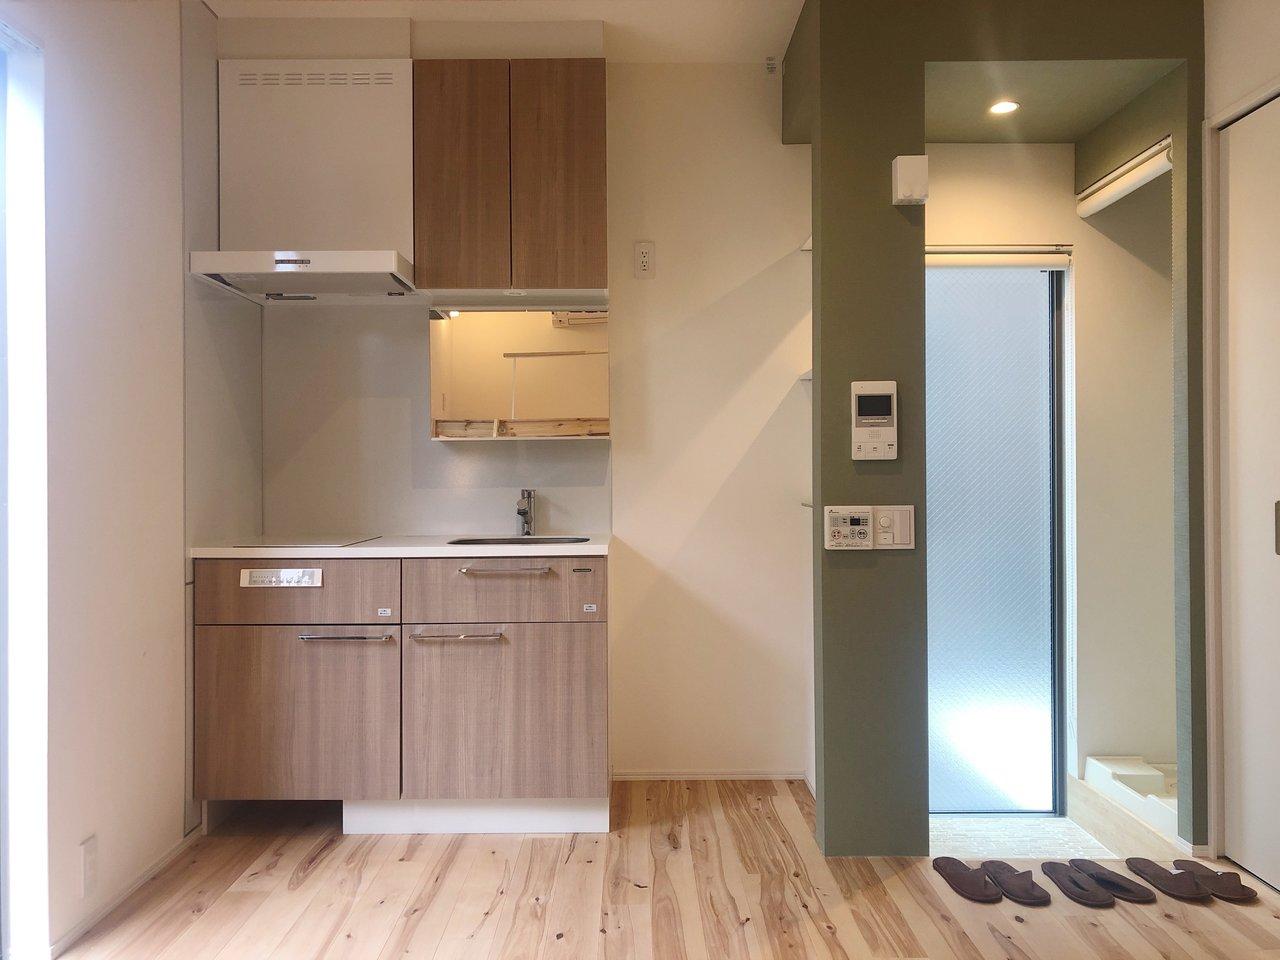 キッチンは二口コンロ。作業スペースもありますね。玄関周りのモスグリーンの壁紙が、床とマッチしておしゃれ!